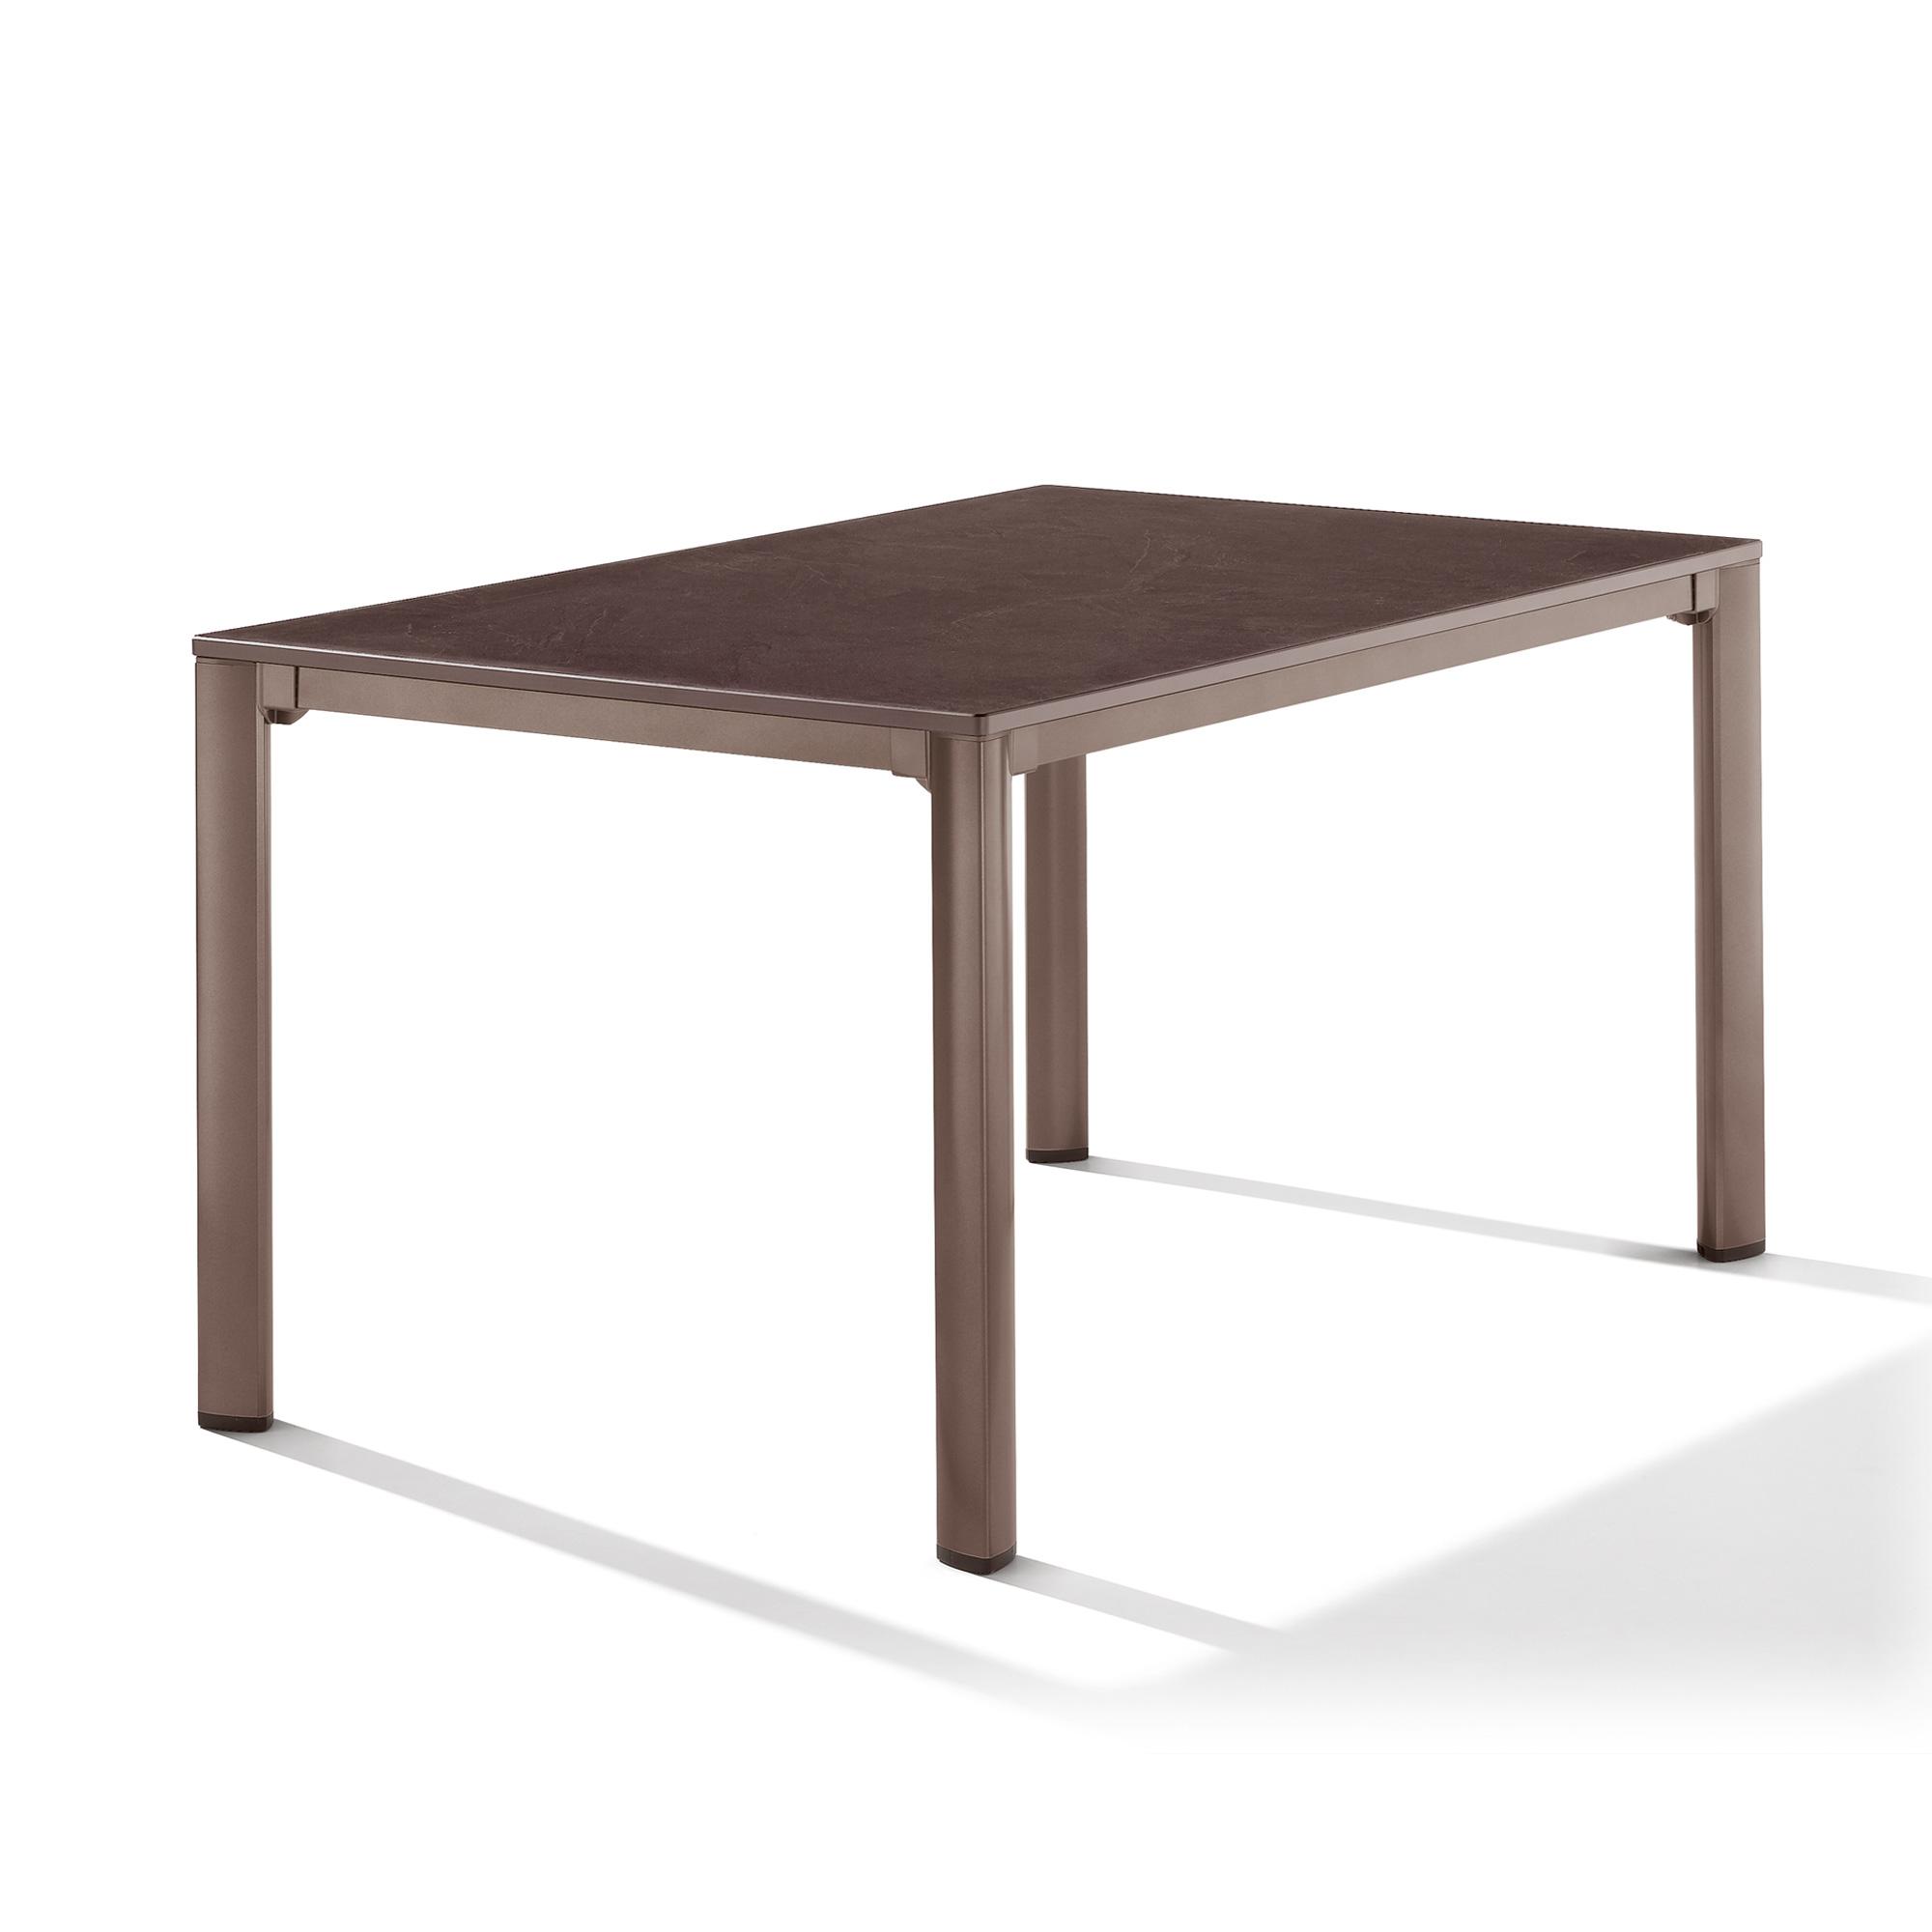 Sieger Exclusiv-Tisch mit PUROPLAN®, rechteckig - 1770-70 ...